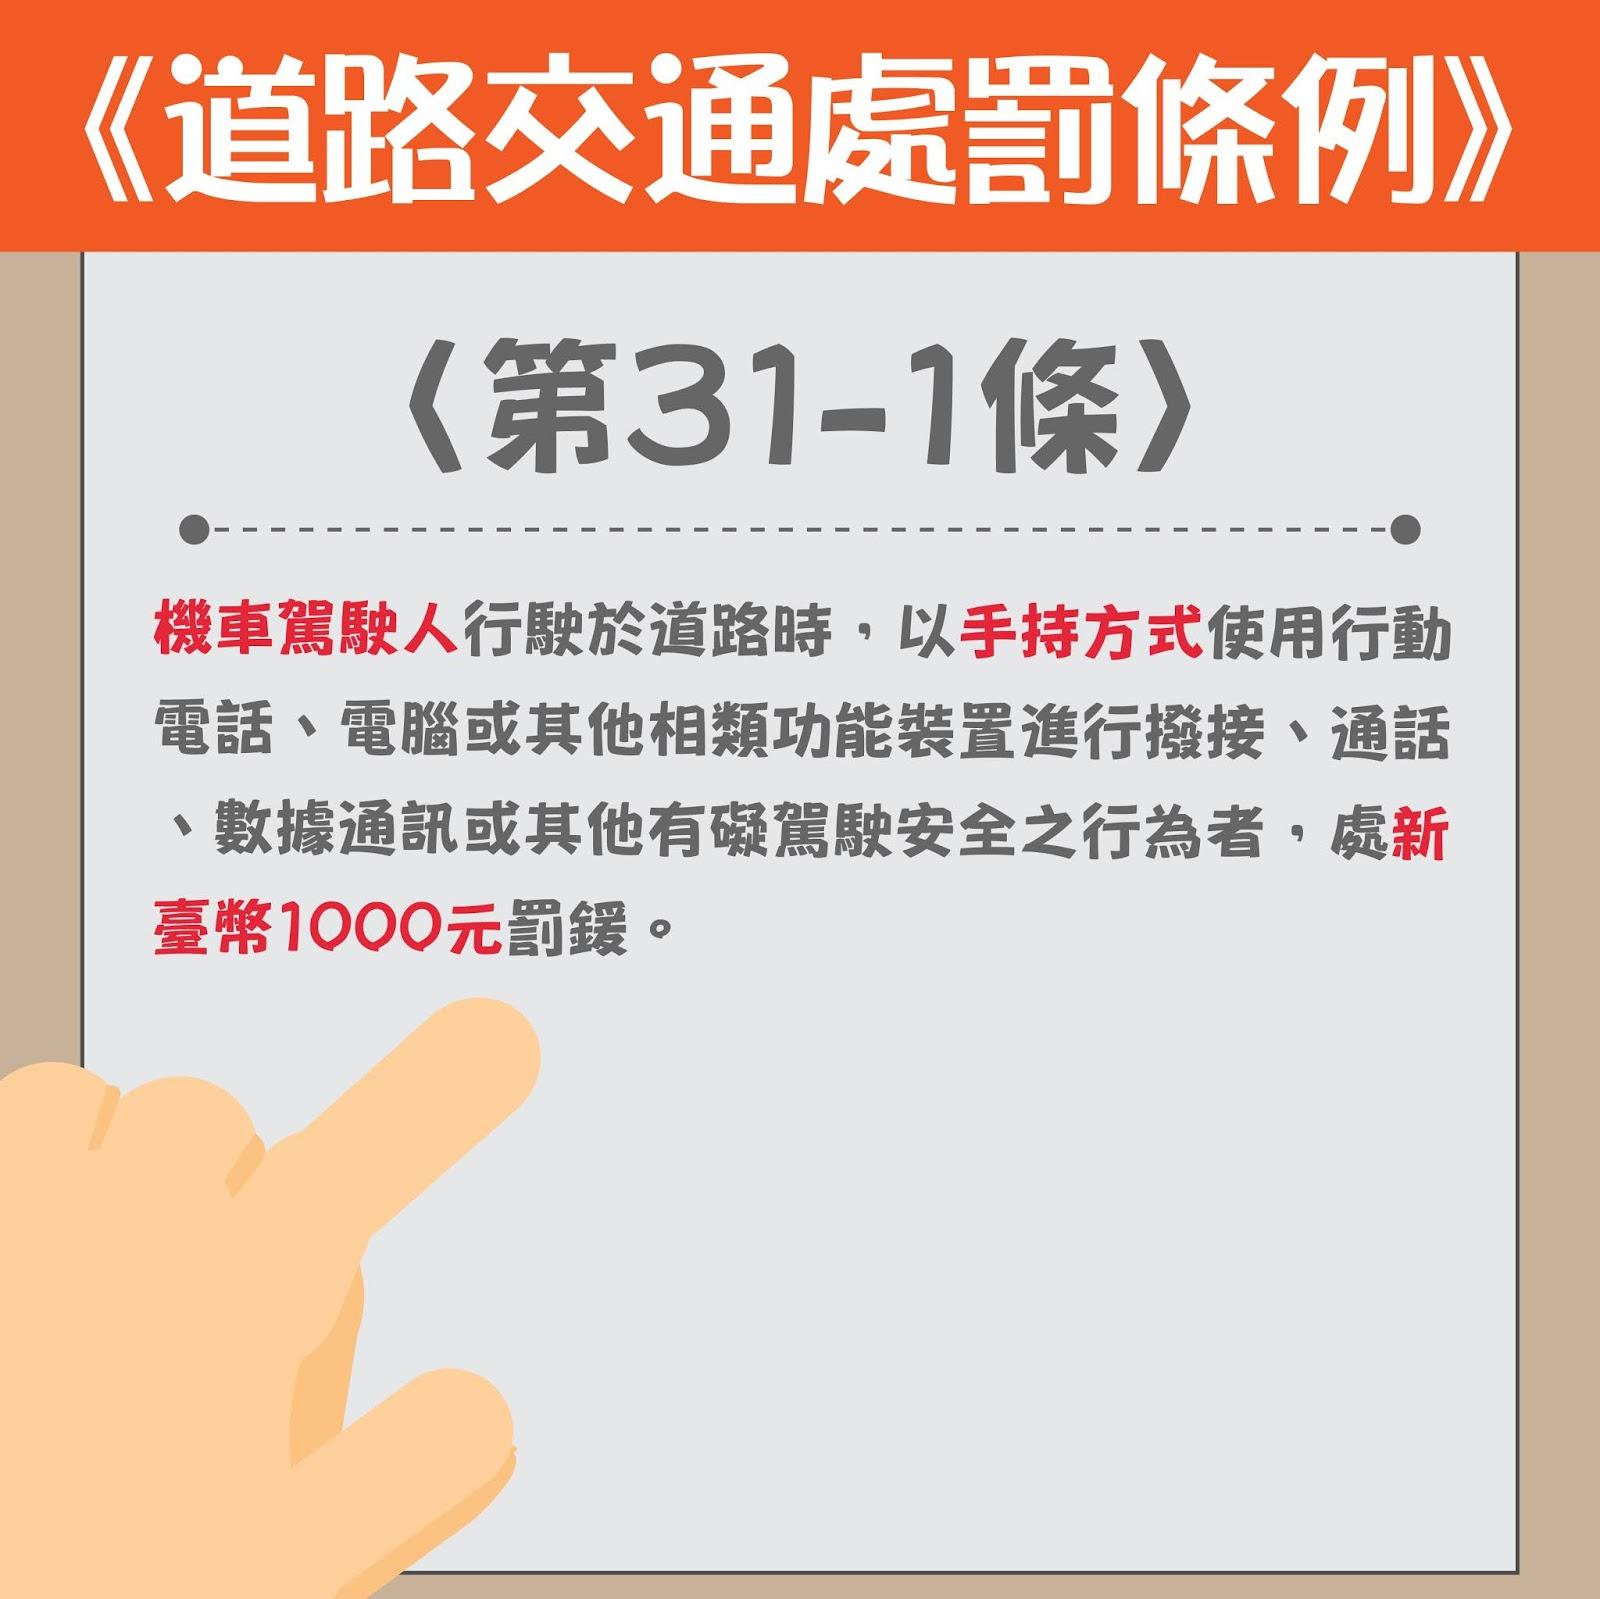 機車駕駛人行駛於道路時,以手持方式使用行動電話、電腦或其他相類功能裝置進行撥接、通話、數據通訊或其他有礙駕駛安全之行為者,處新臺幣1000元罰鍰。